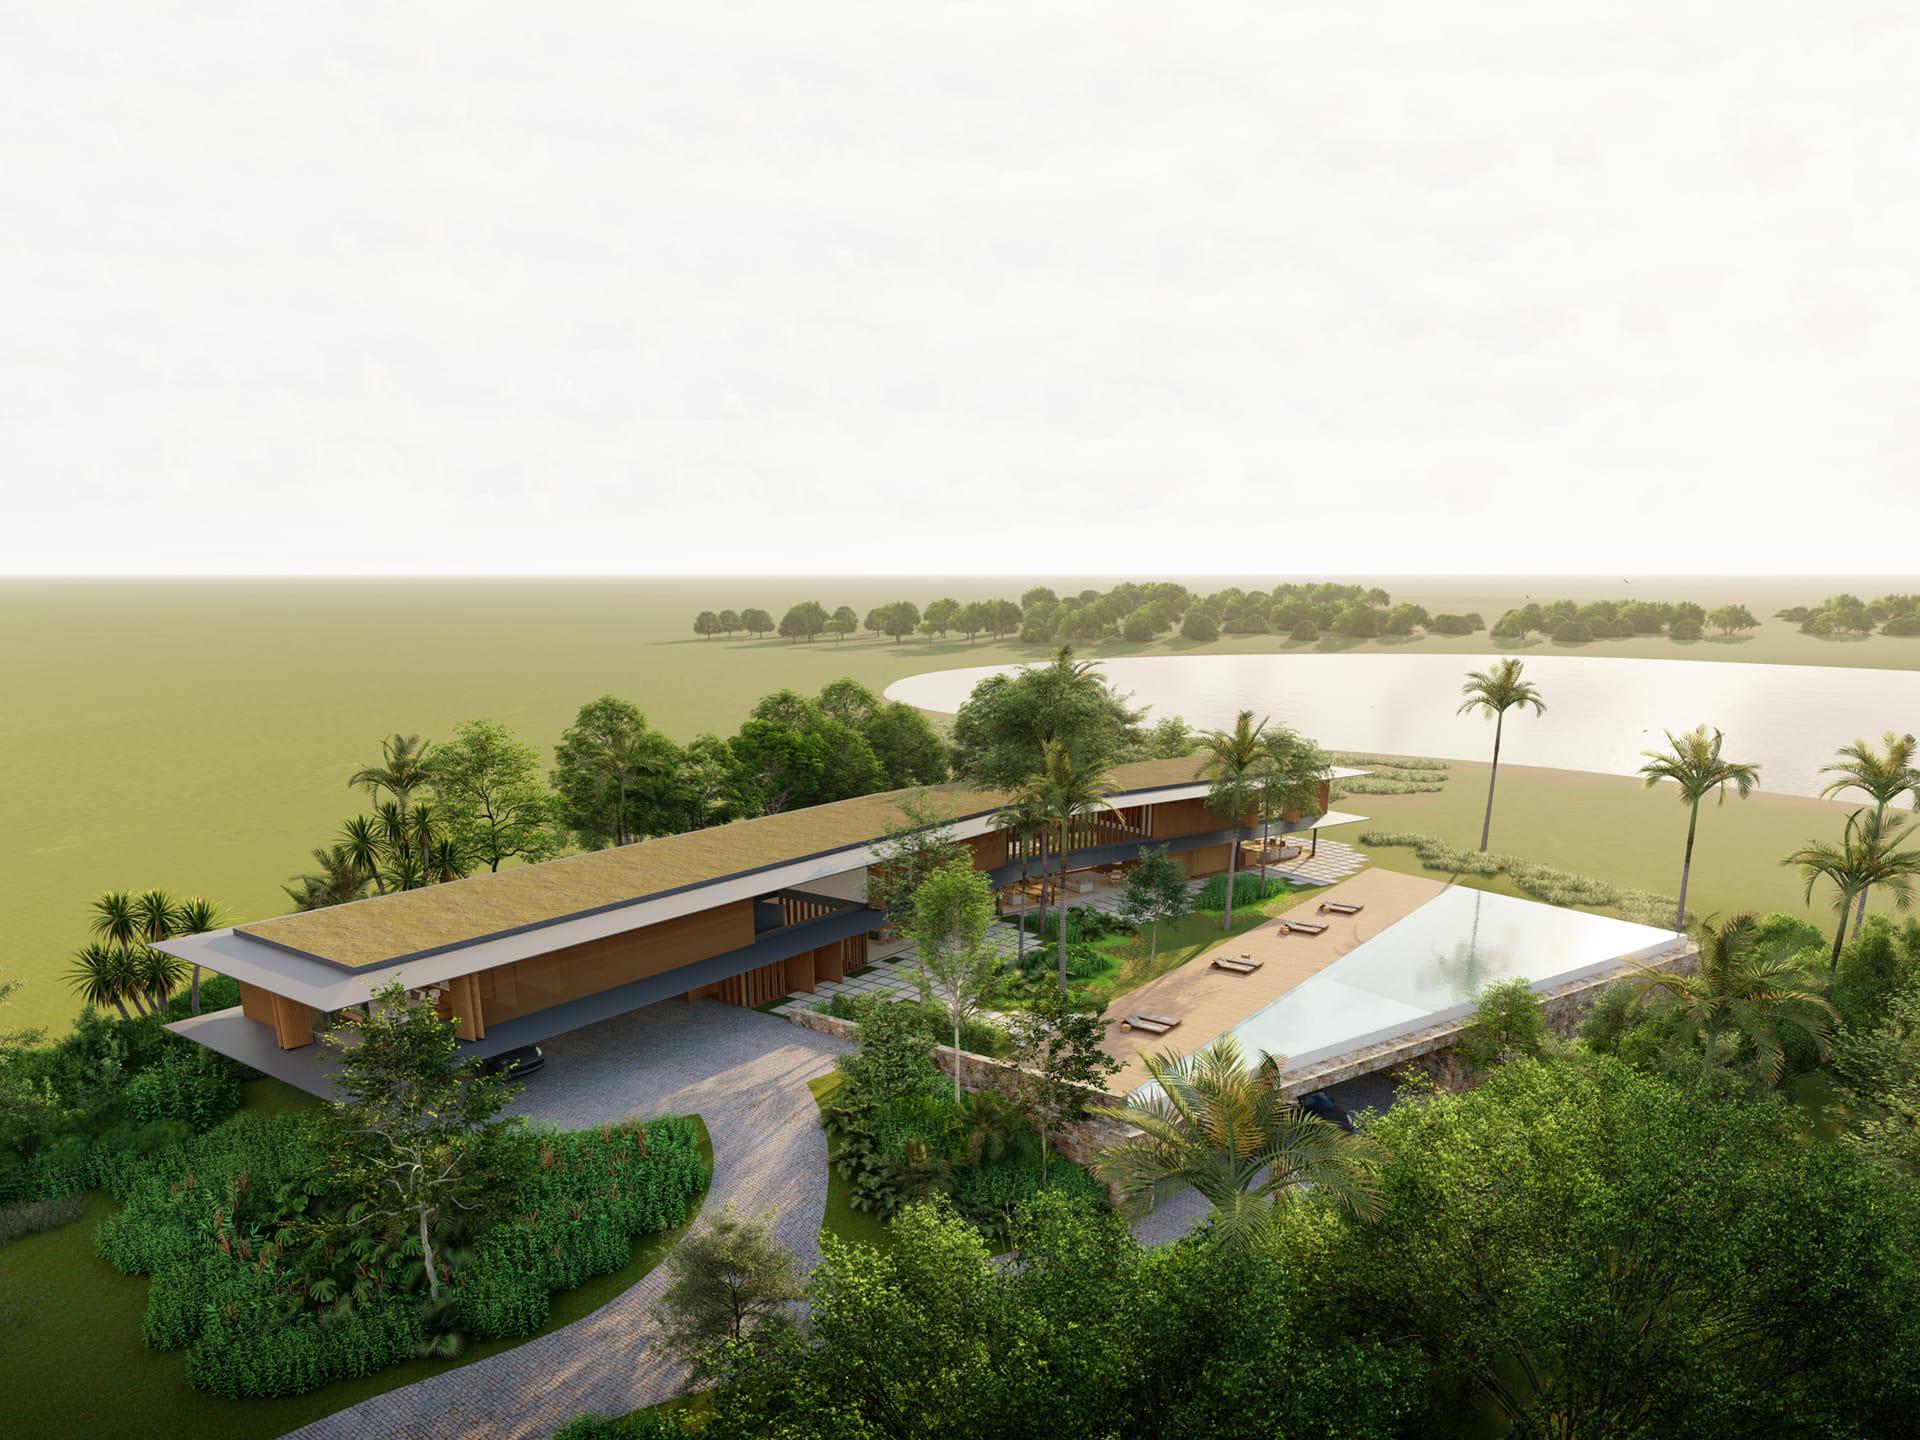 Vista aérea Casa Boomerang